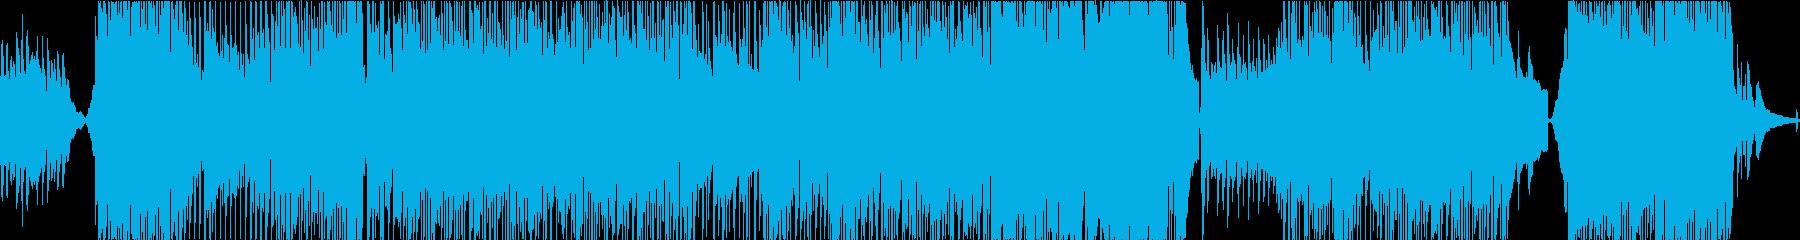 ゆったりアコースティックな優しい曲の再生済みの波形